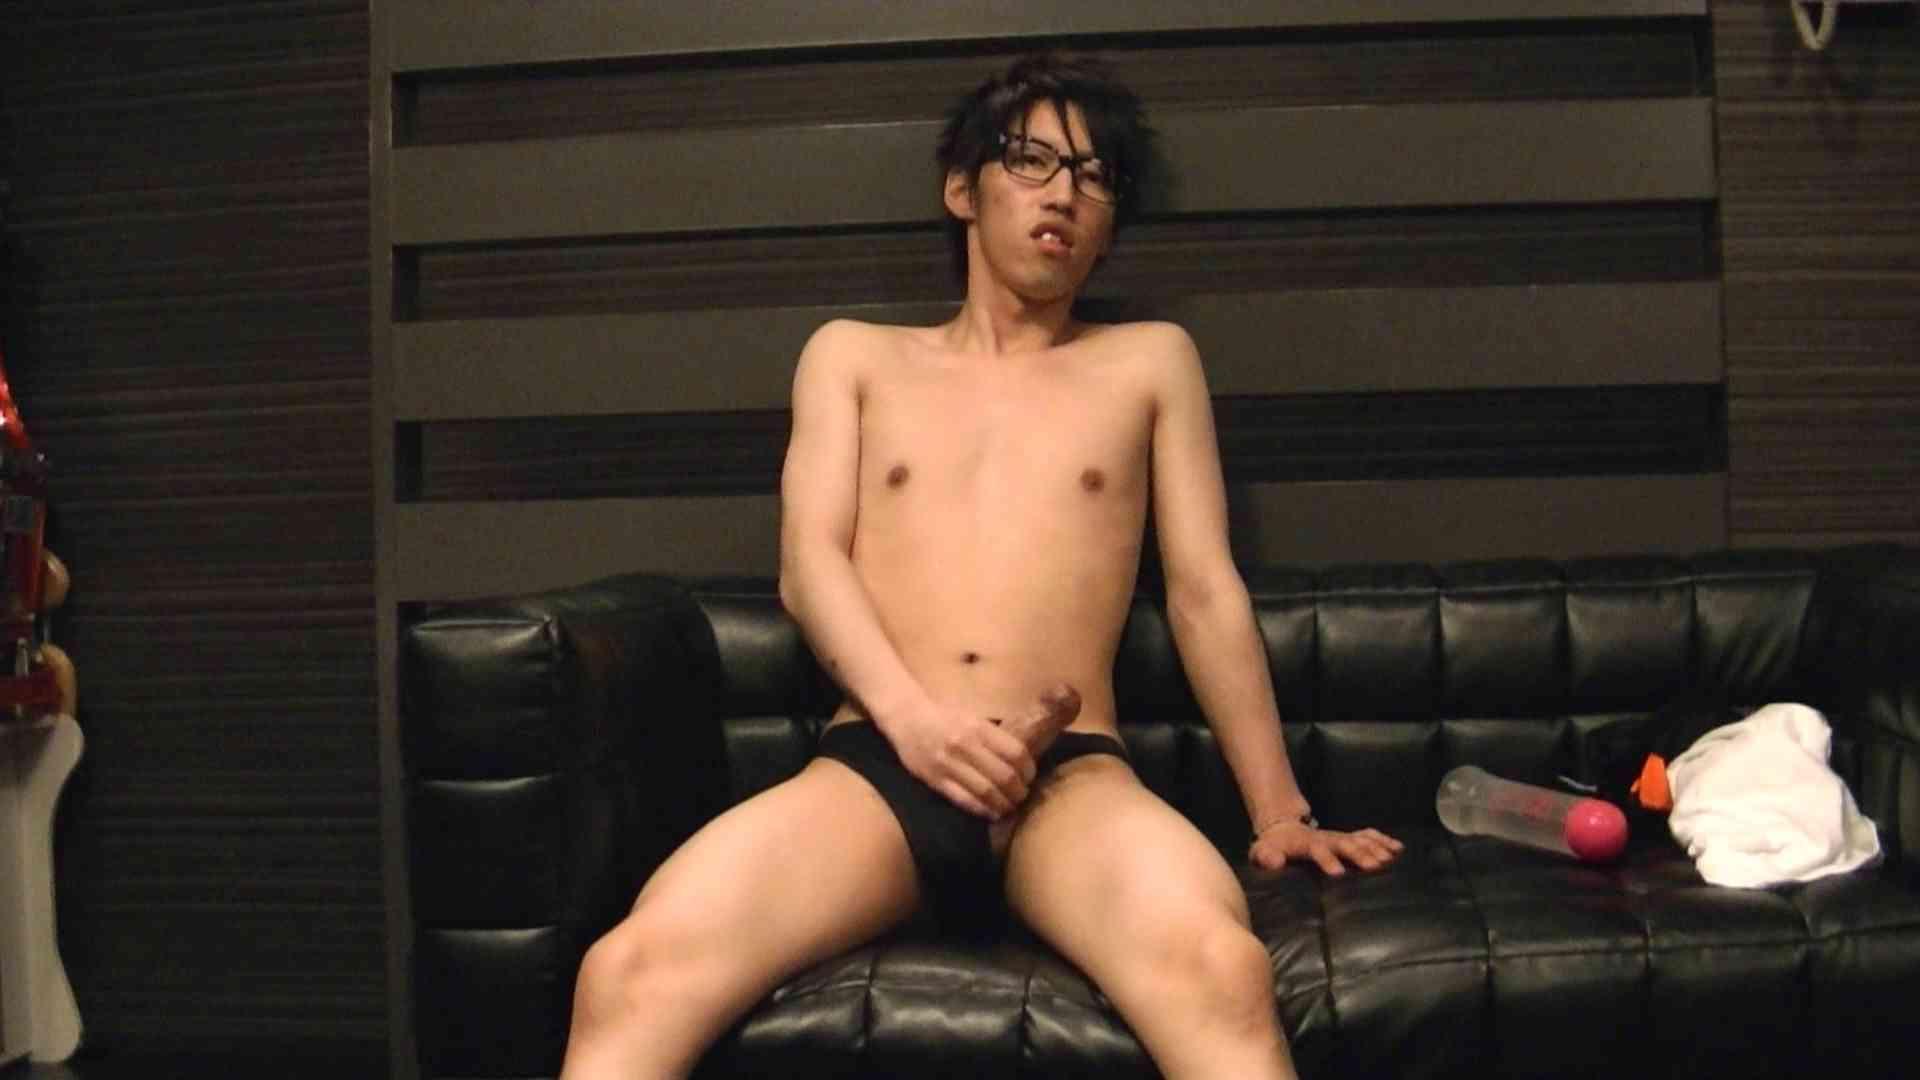 Mr.オナックスさん投稿!HD 貴方のオナニー三万円で撮影させてください。VOL.04 スジ筋系  32pic 13